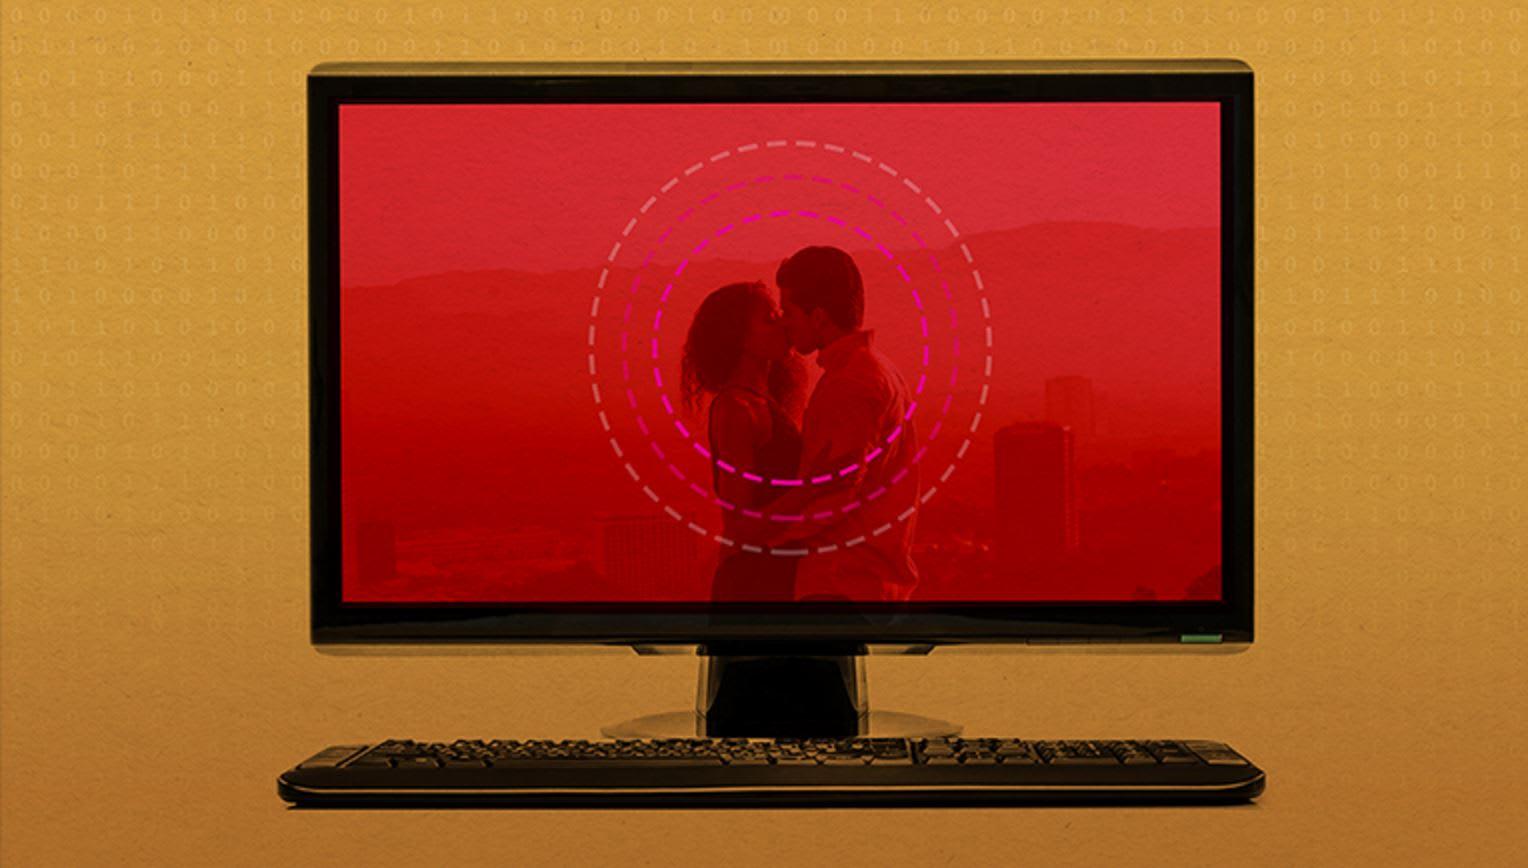 ذكاء اصطناعي جديد يمكنه التنبؤ بموعد القبلة بين شخصين